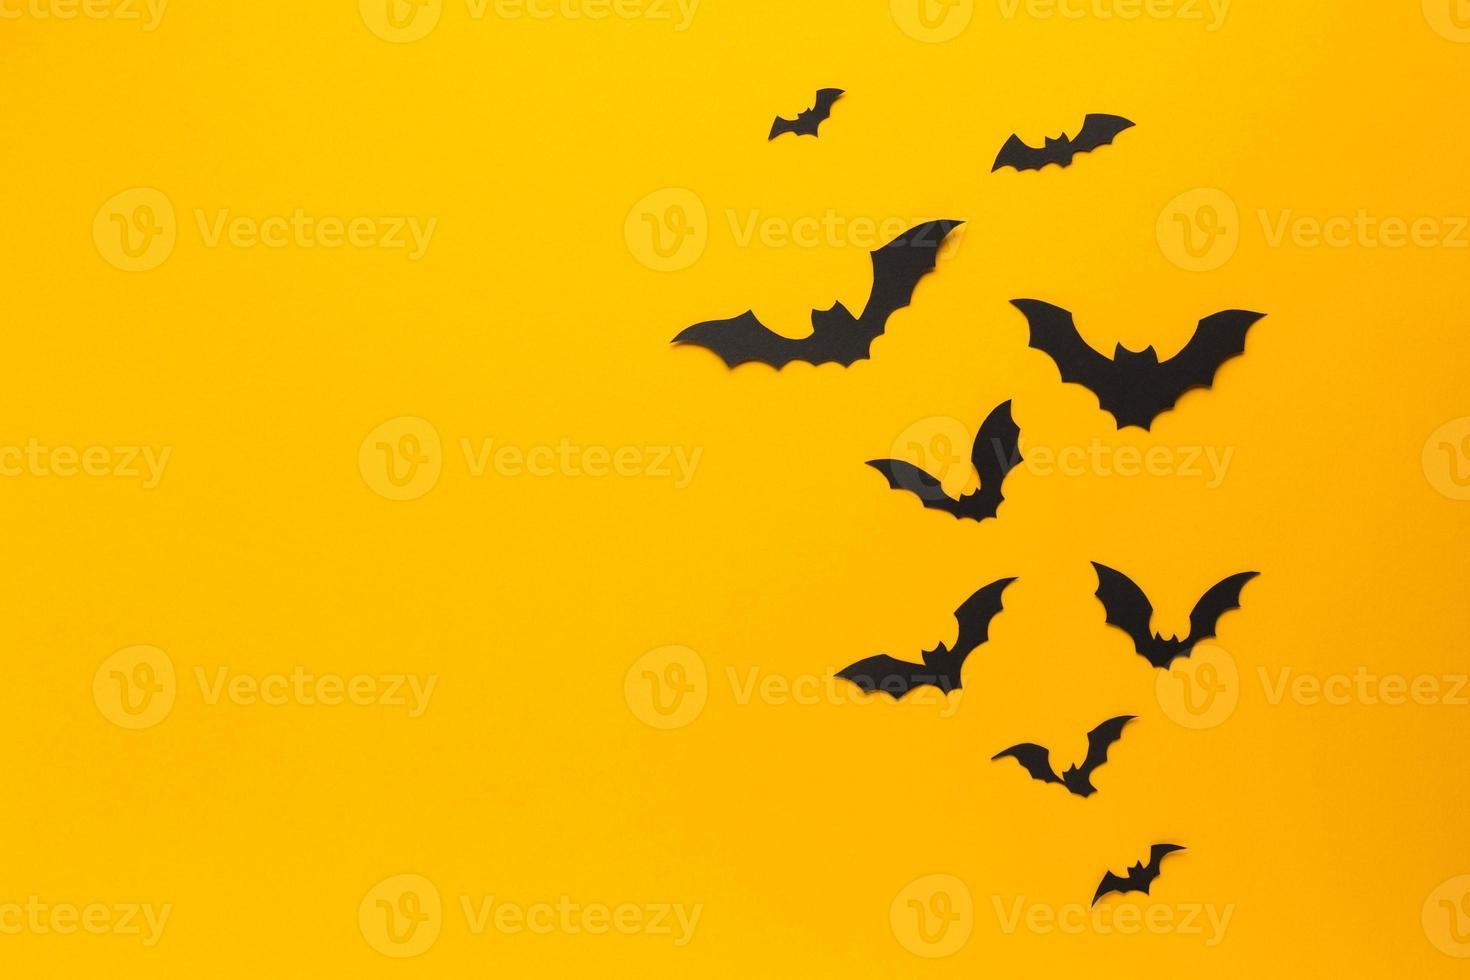 pipistrelli di Halloween con sfondo arancione foto